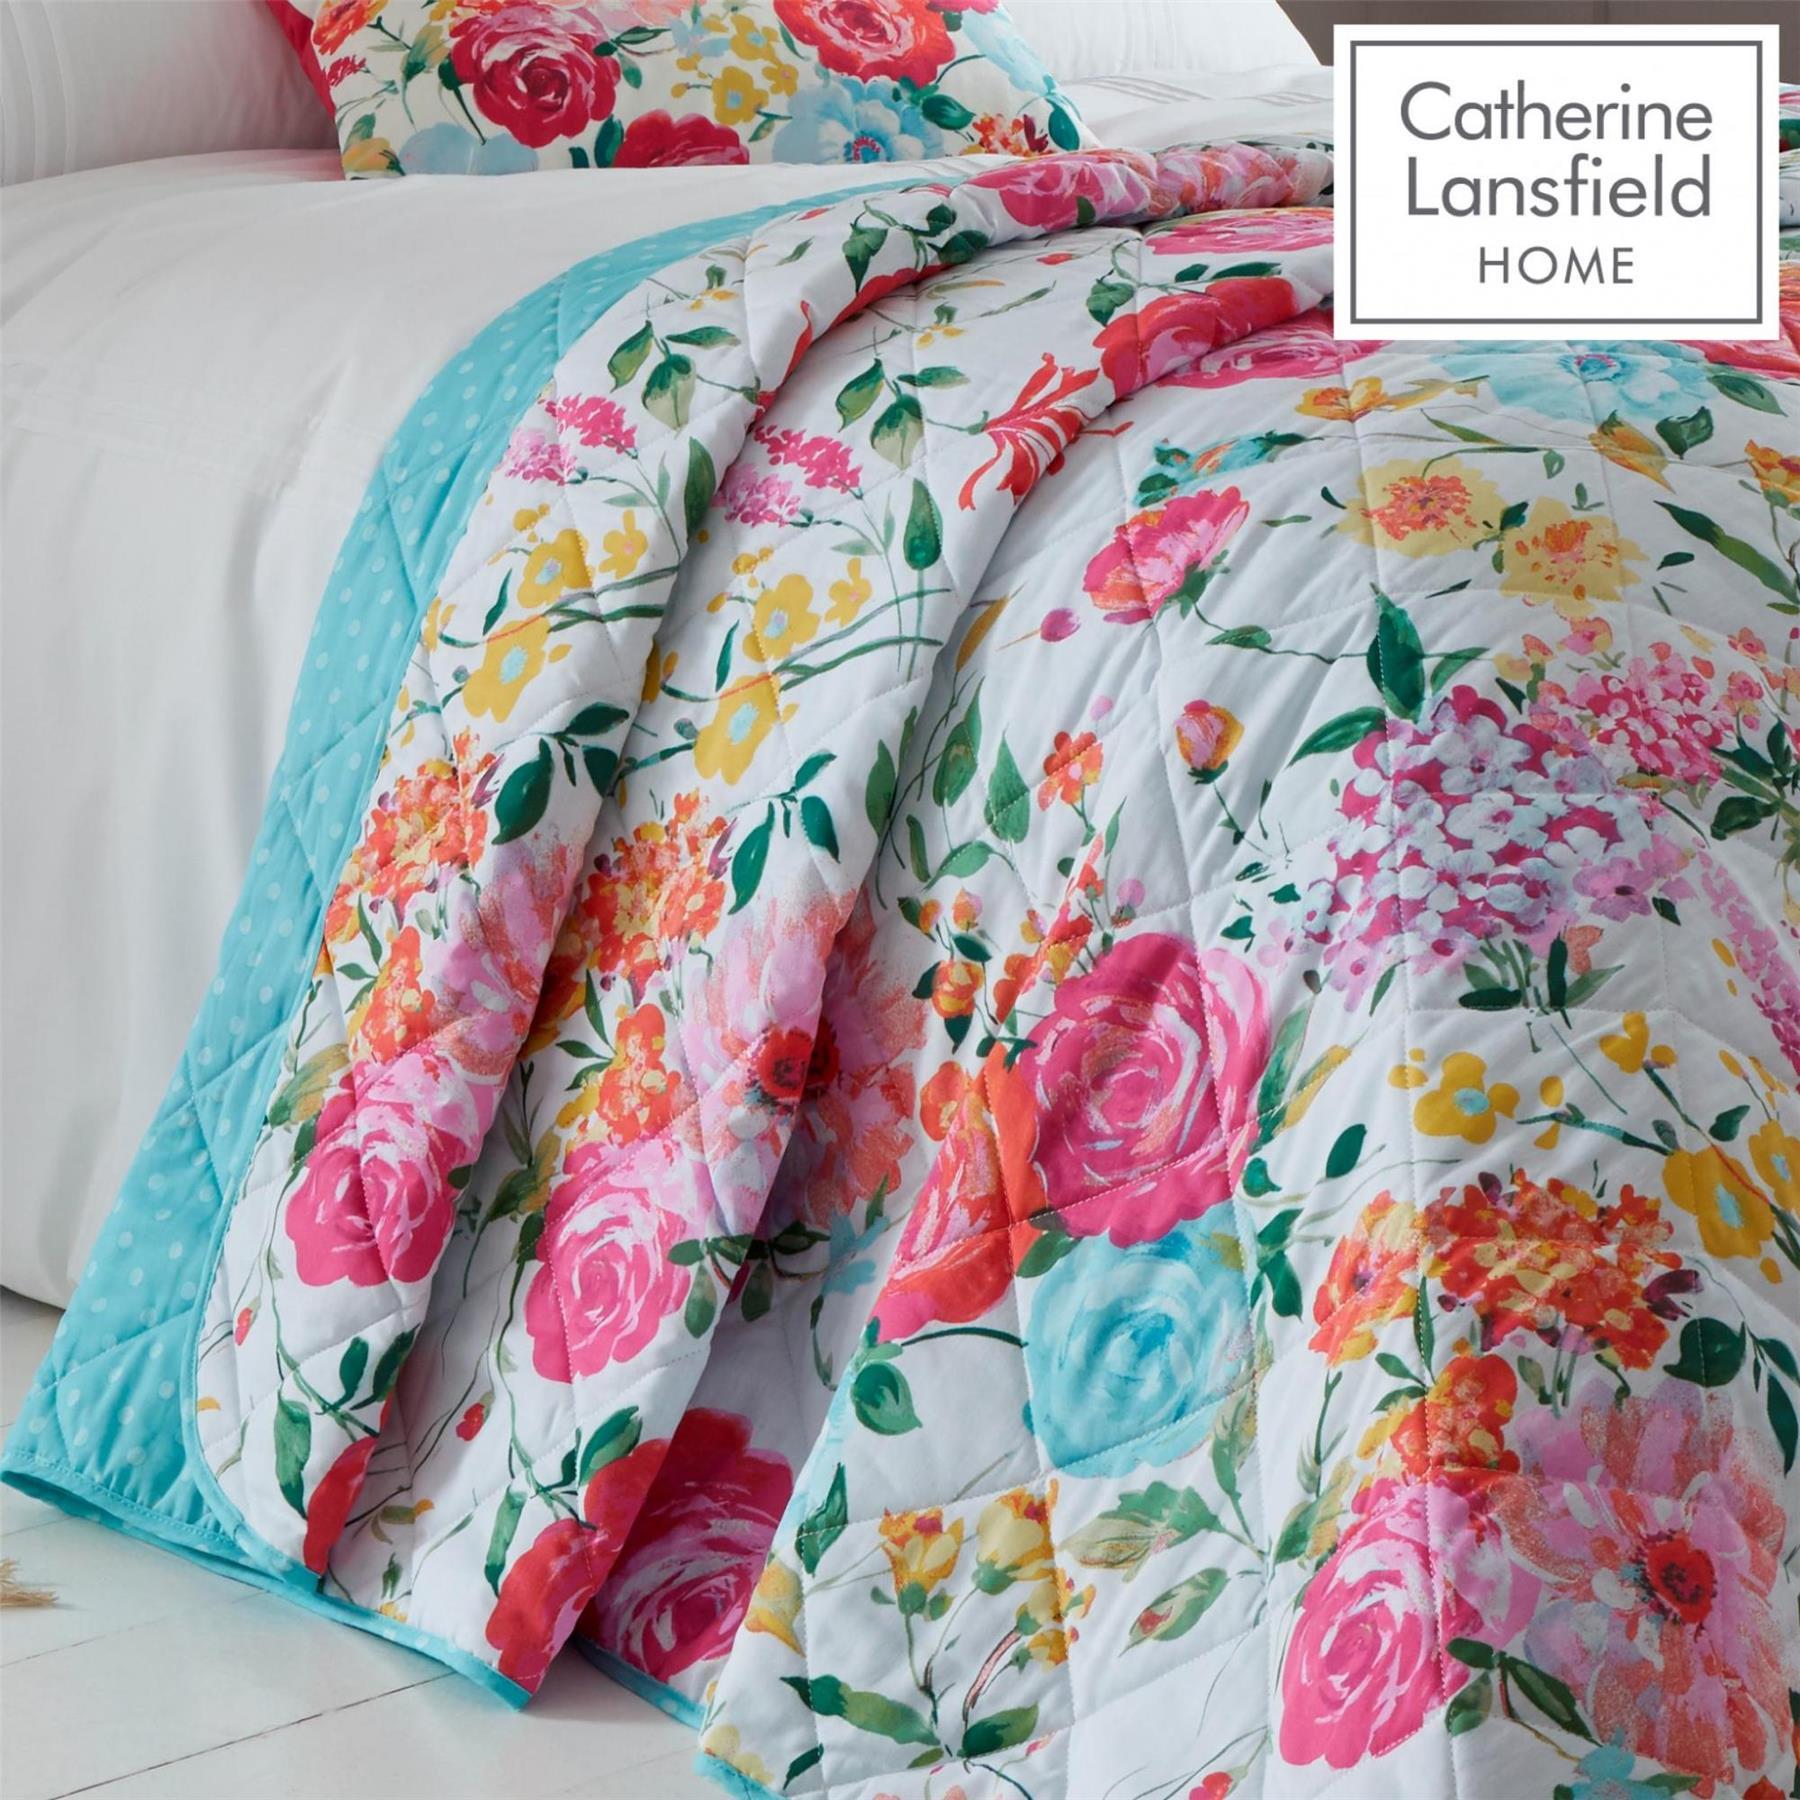 Catherine-Lansfield-biancheria-da-letto-Salisbury-Copripiumino-Set-Tende-Cuscino-Copriletto miniatura 3